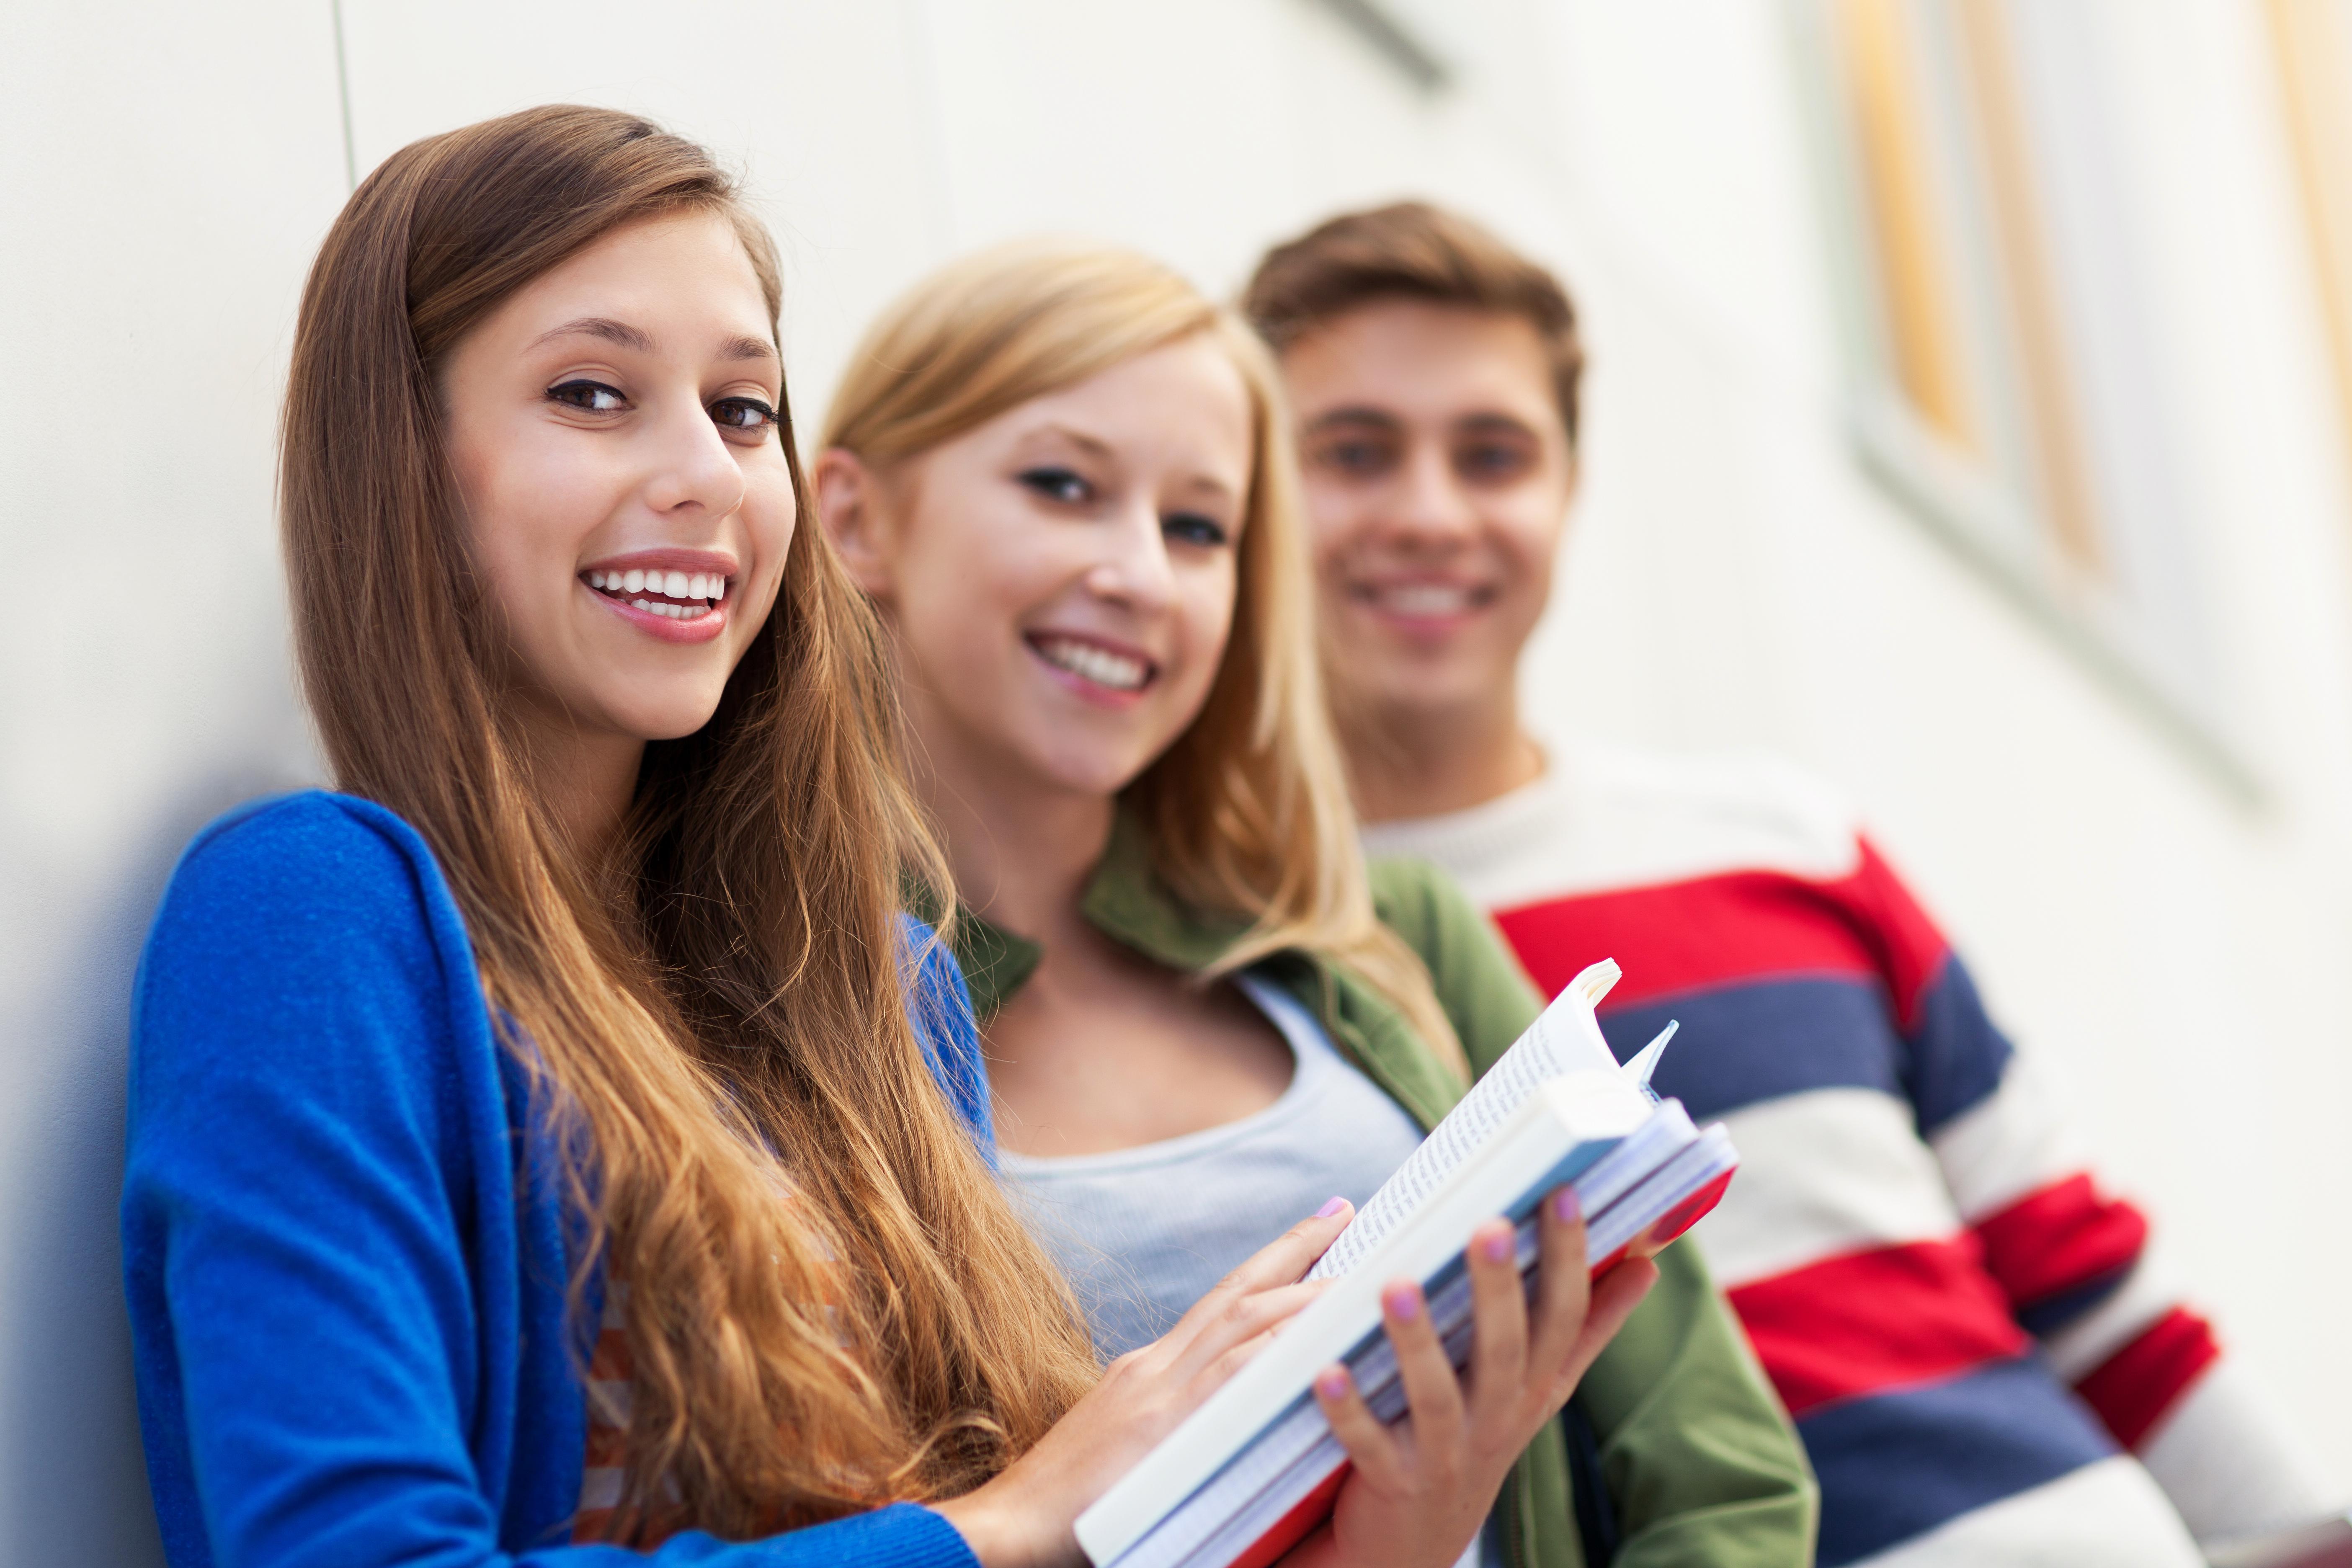 Prüfungsvorbereitung Aufnahmeprüfung Kantonsschule